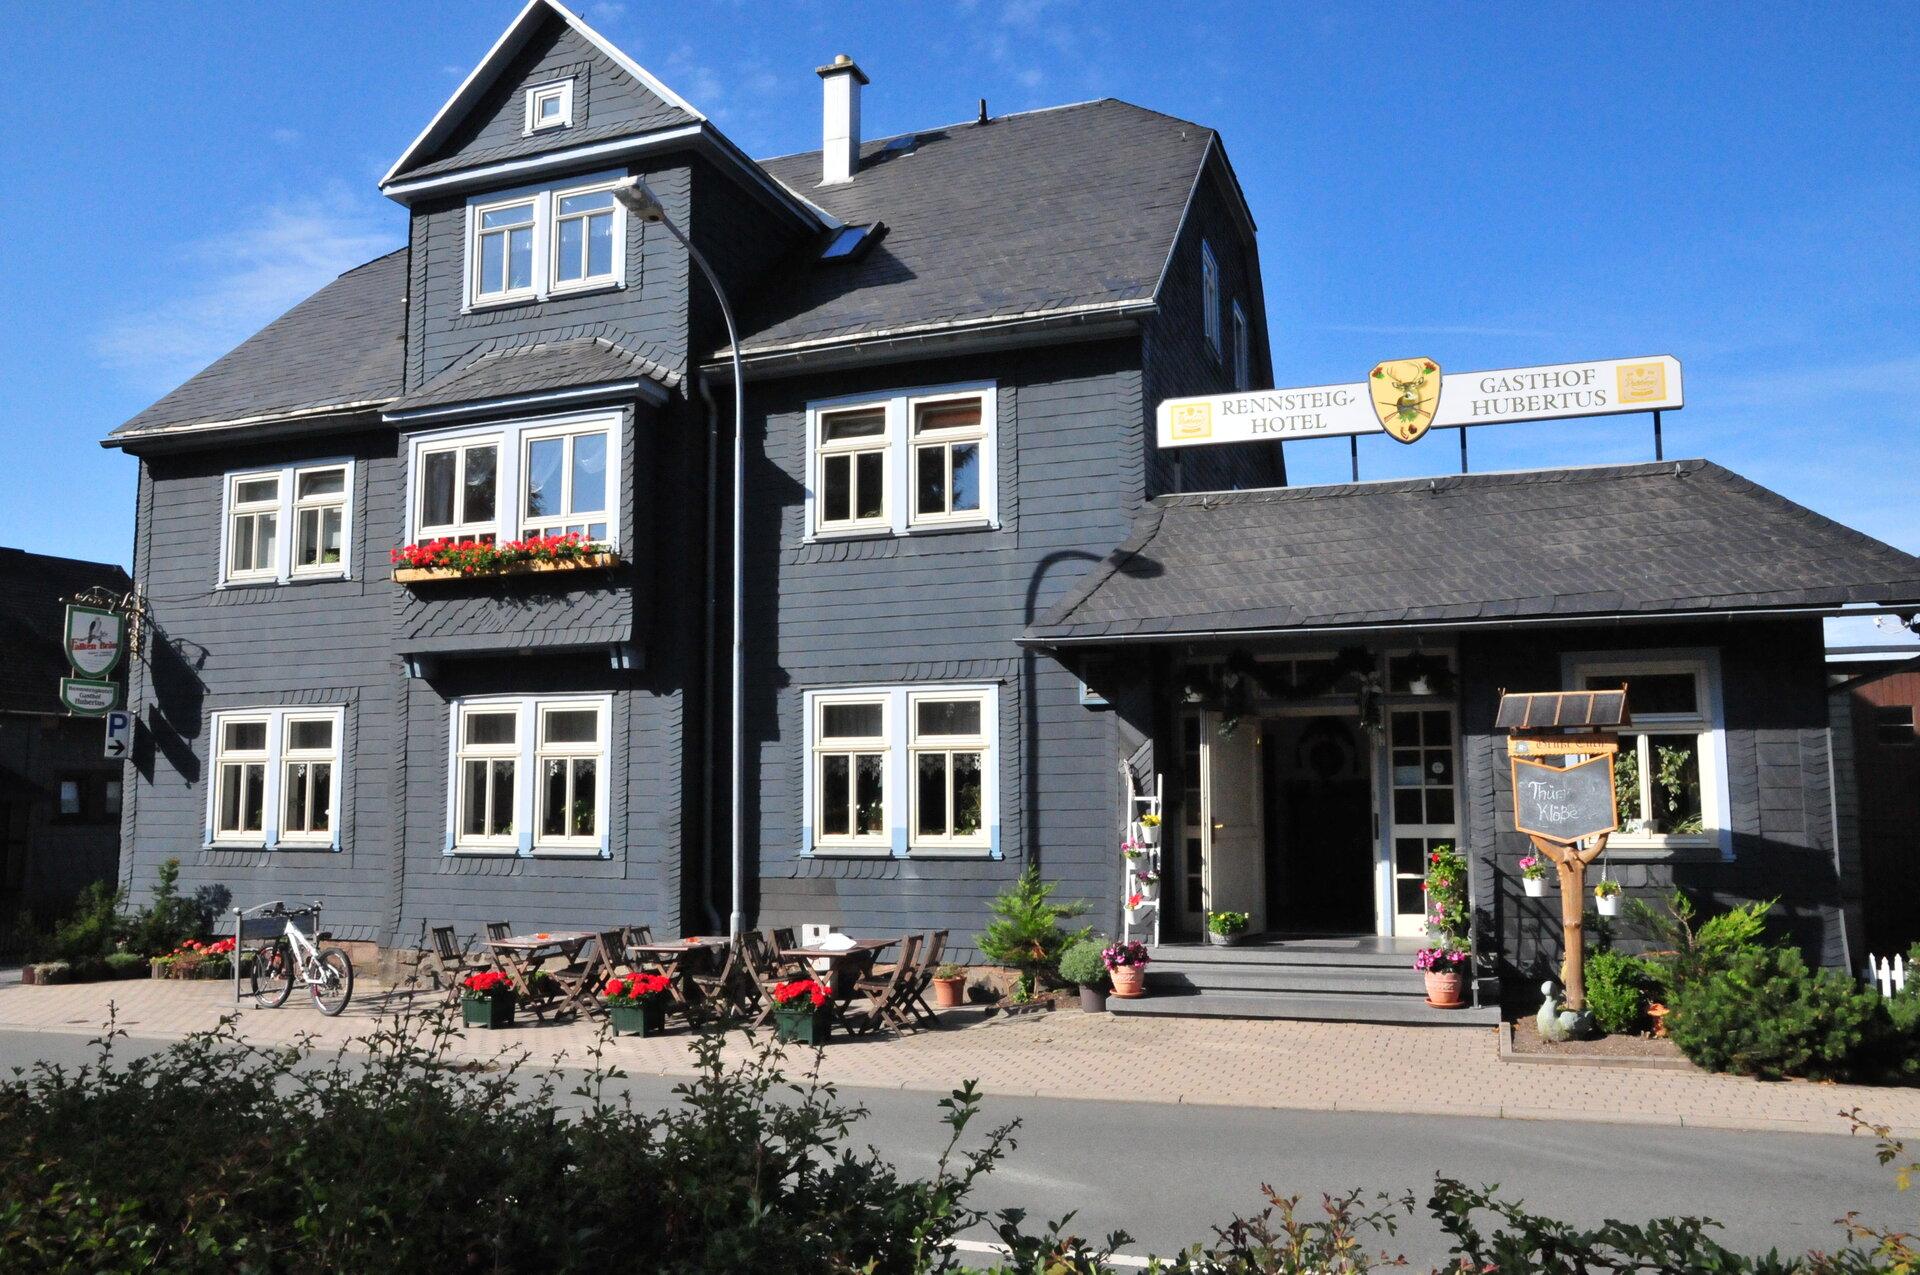 """Rennsteighotel und Gasthof """"Hubertus"""" direkt auf dem Rennsteig"""